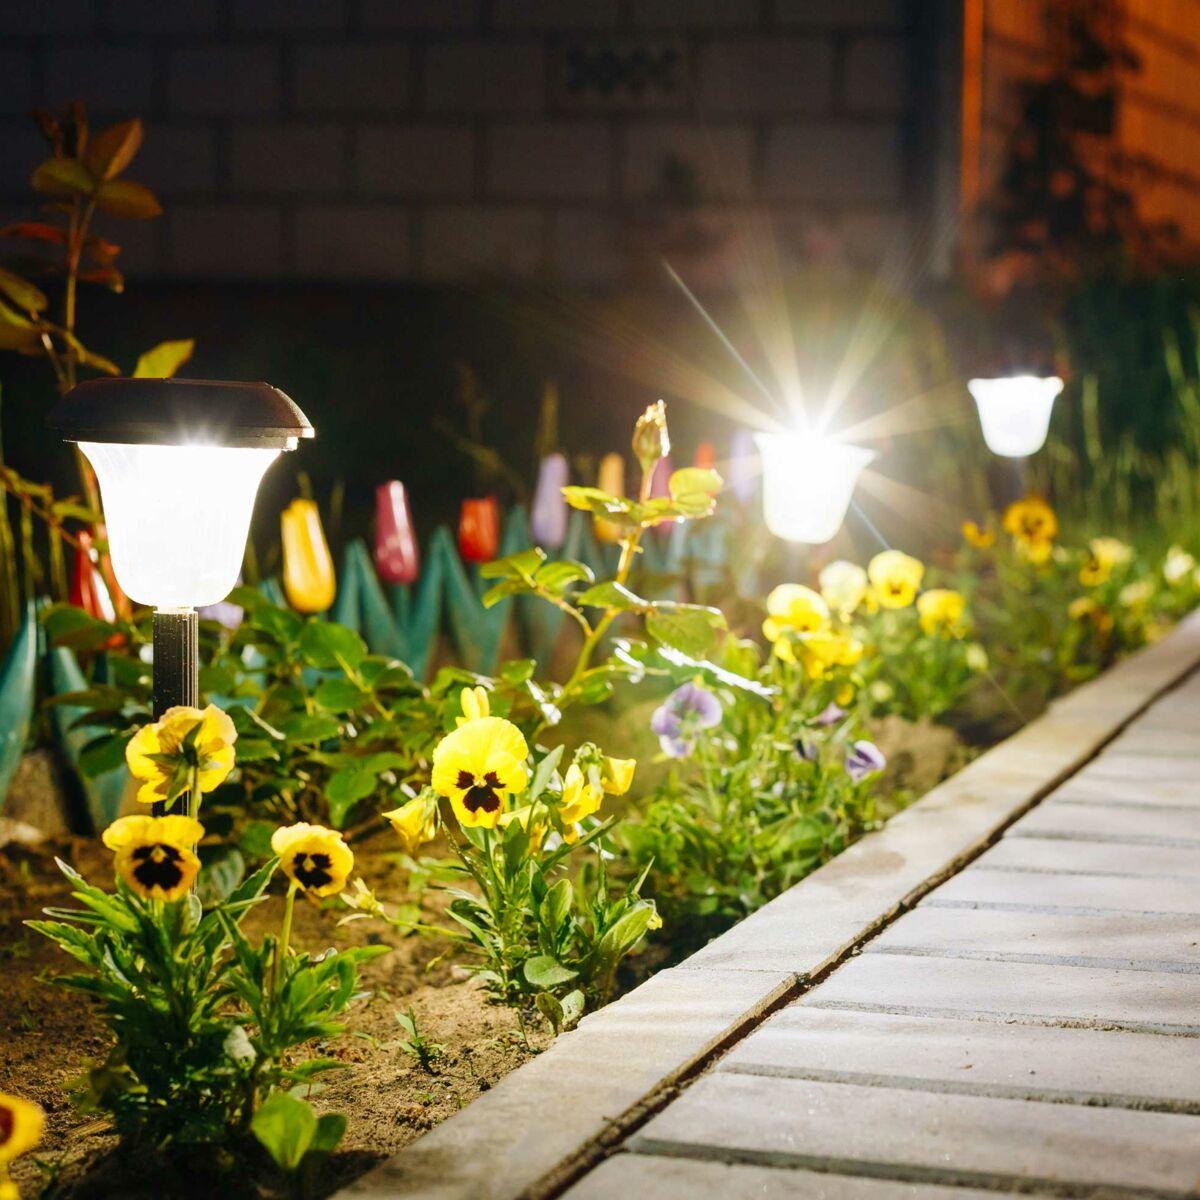 Lampe Energie Solaire Interieur lampes solaires, comment les faire redémarrer : femme